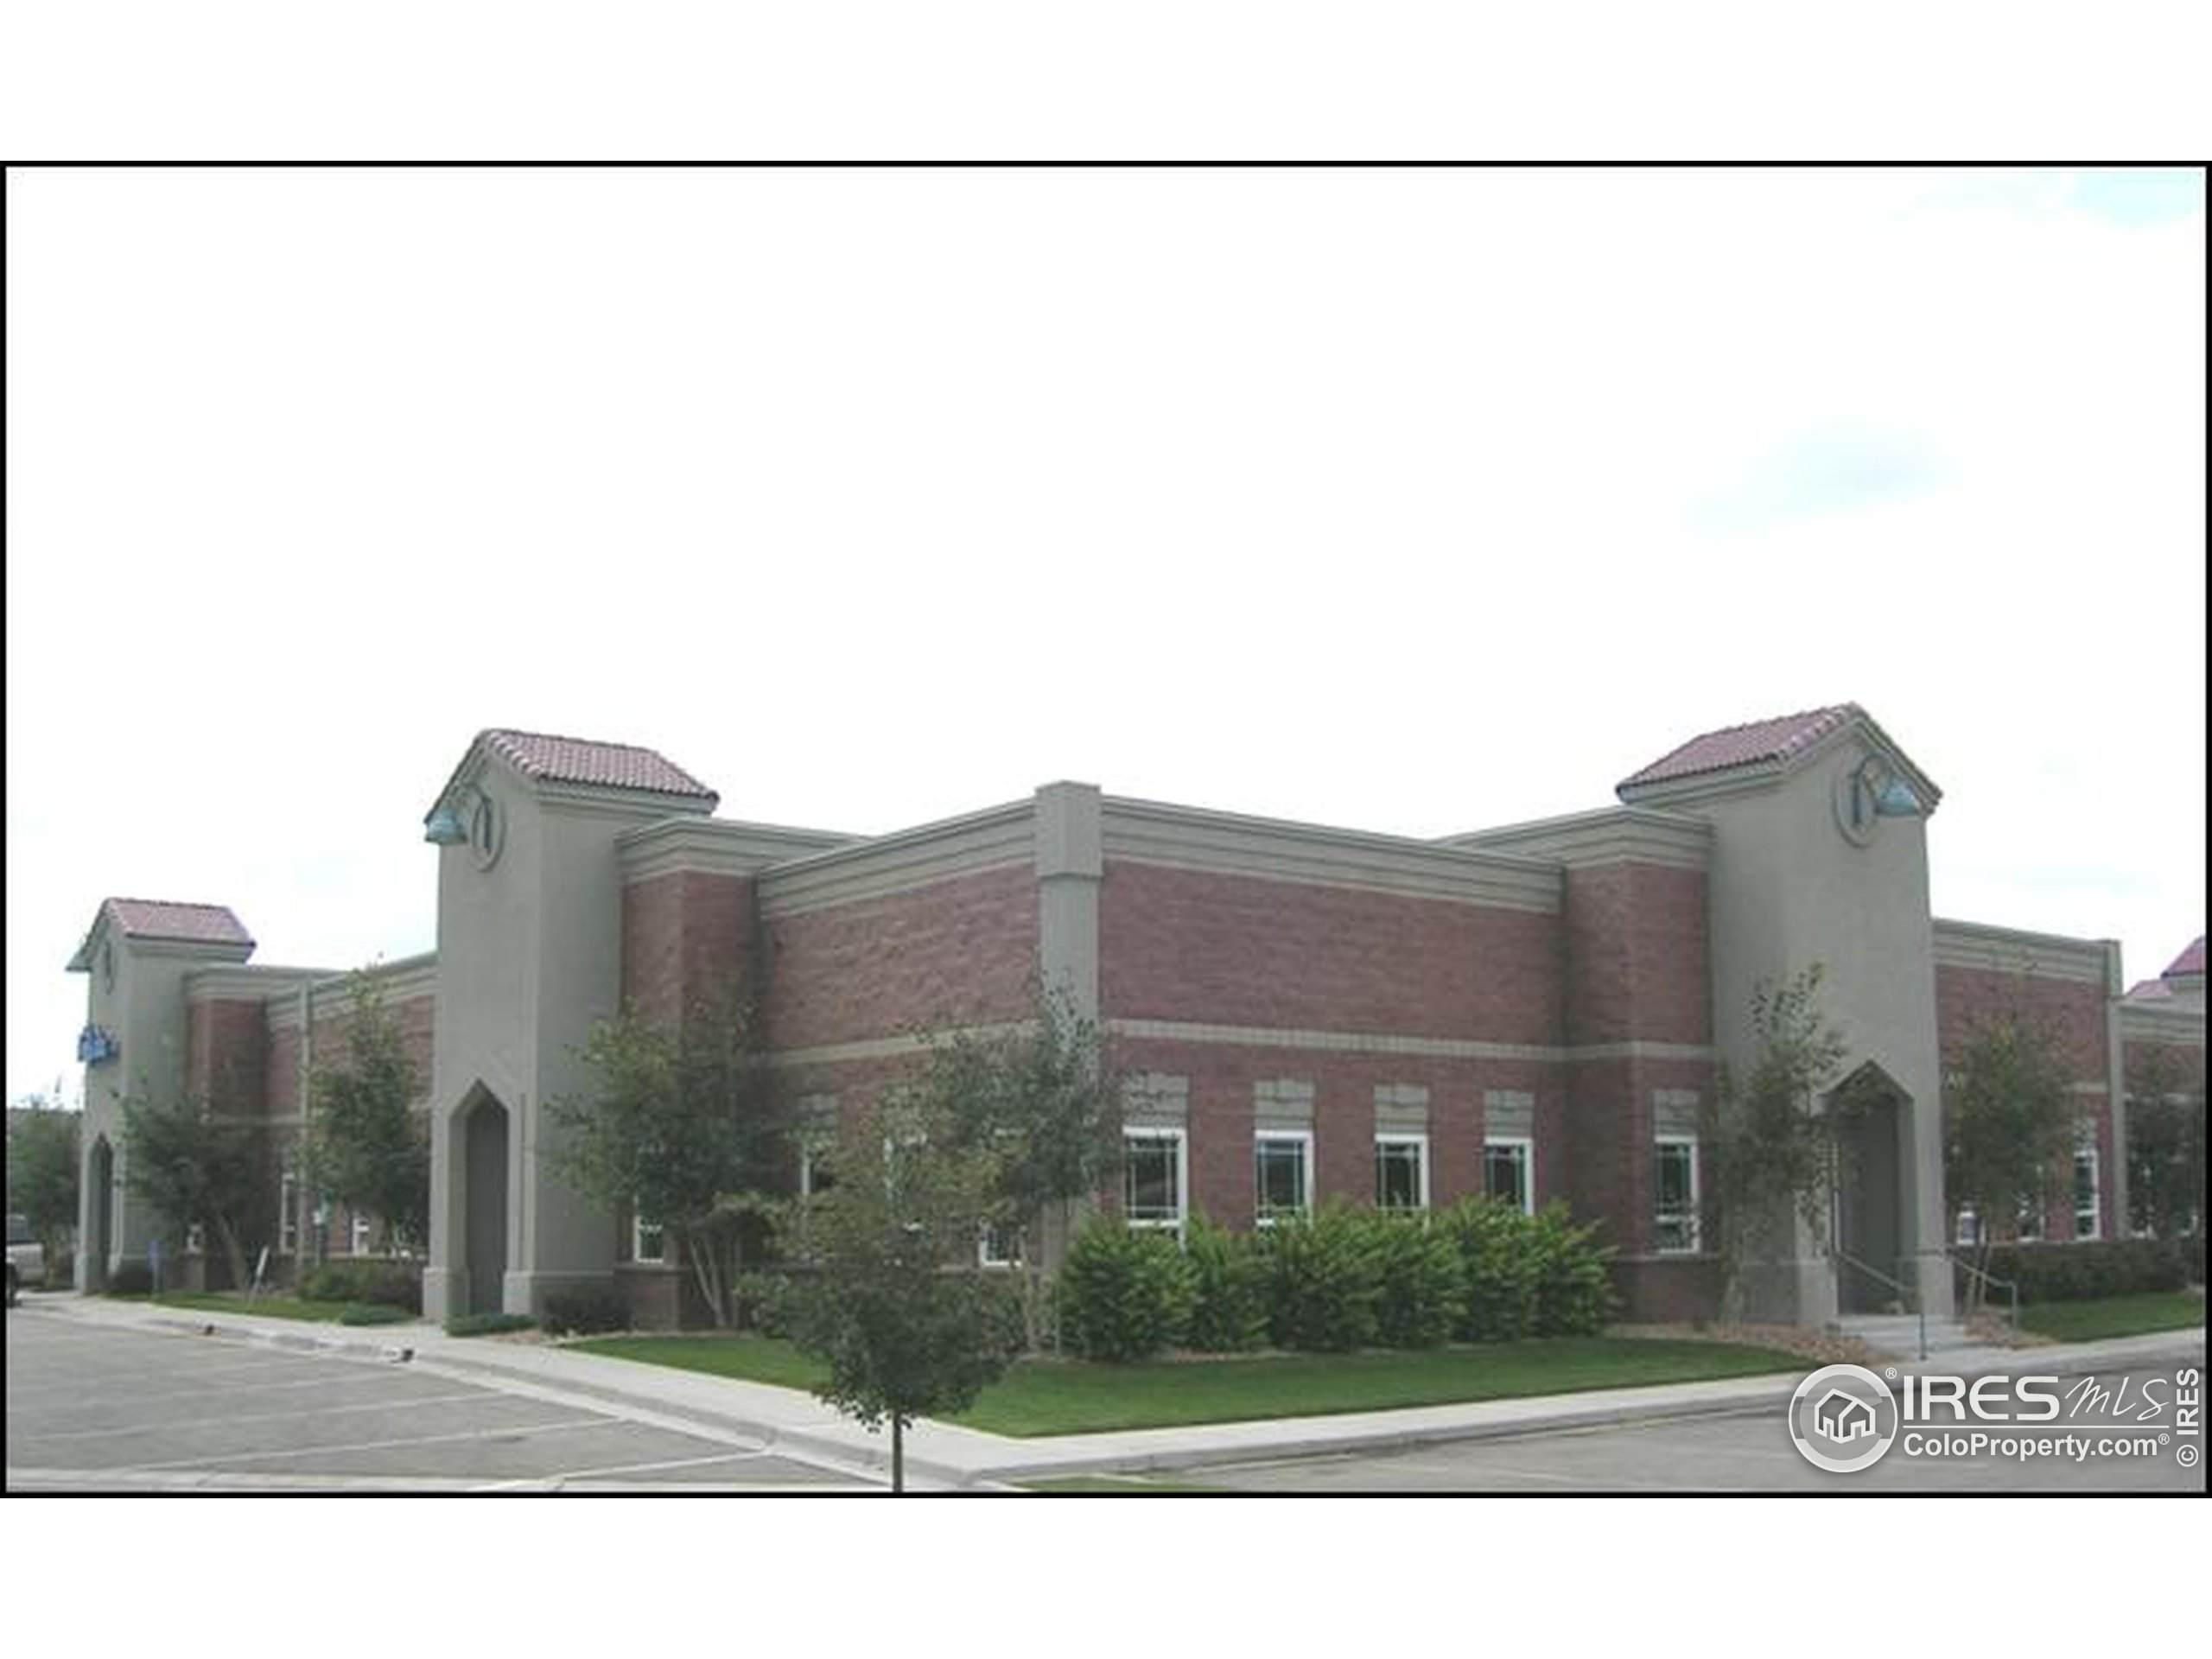 1777 Larimer St #1108, Denver, CO 80202 (MLS #891067) :: Colorado Home Finder Realty